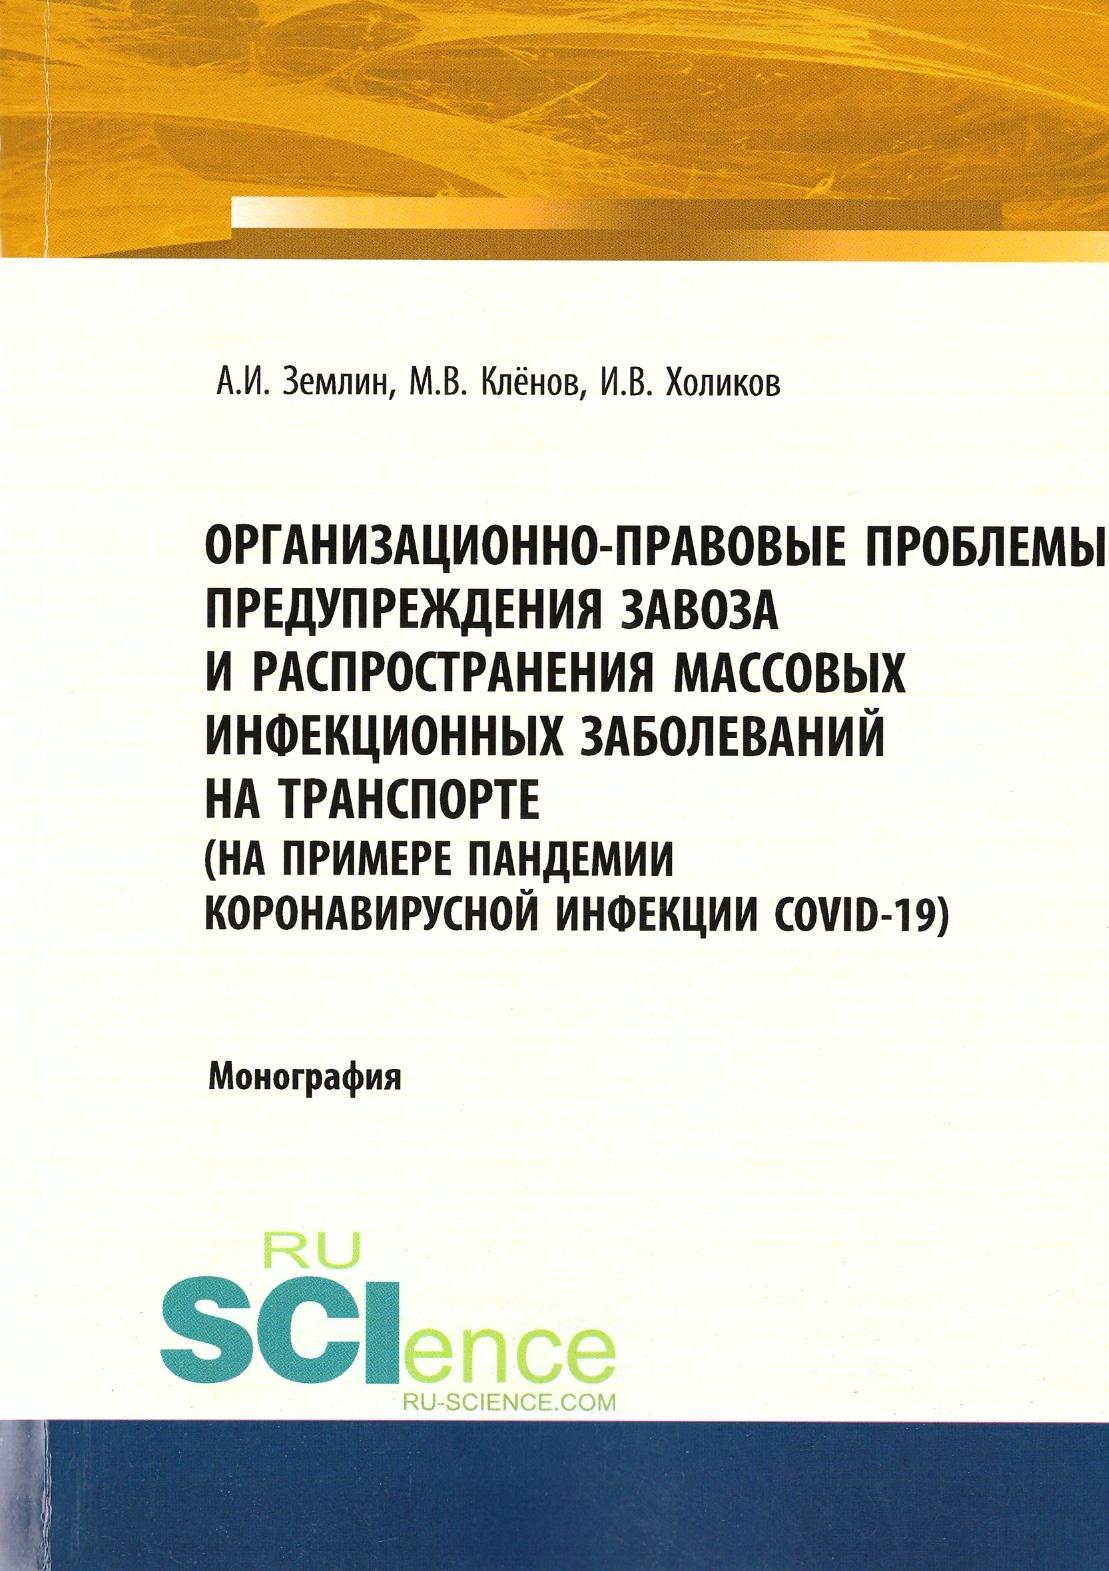 Организационно-правовые проблемы предупреждения завоза и распространения массовых инфекционных заболеваний на транспорте (на примере пандемии короновирусной инфекции COVID-19)